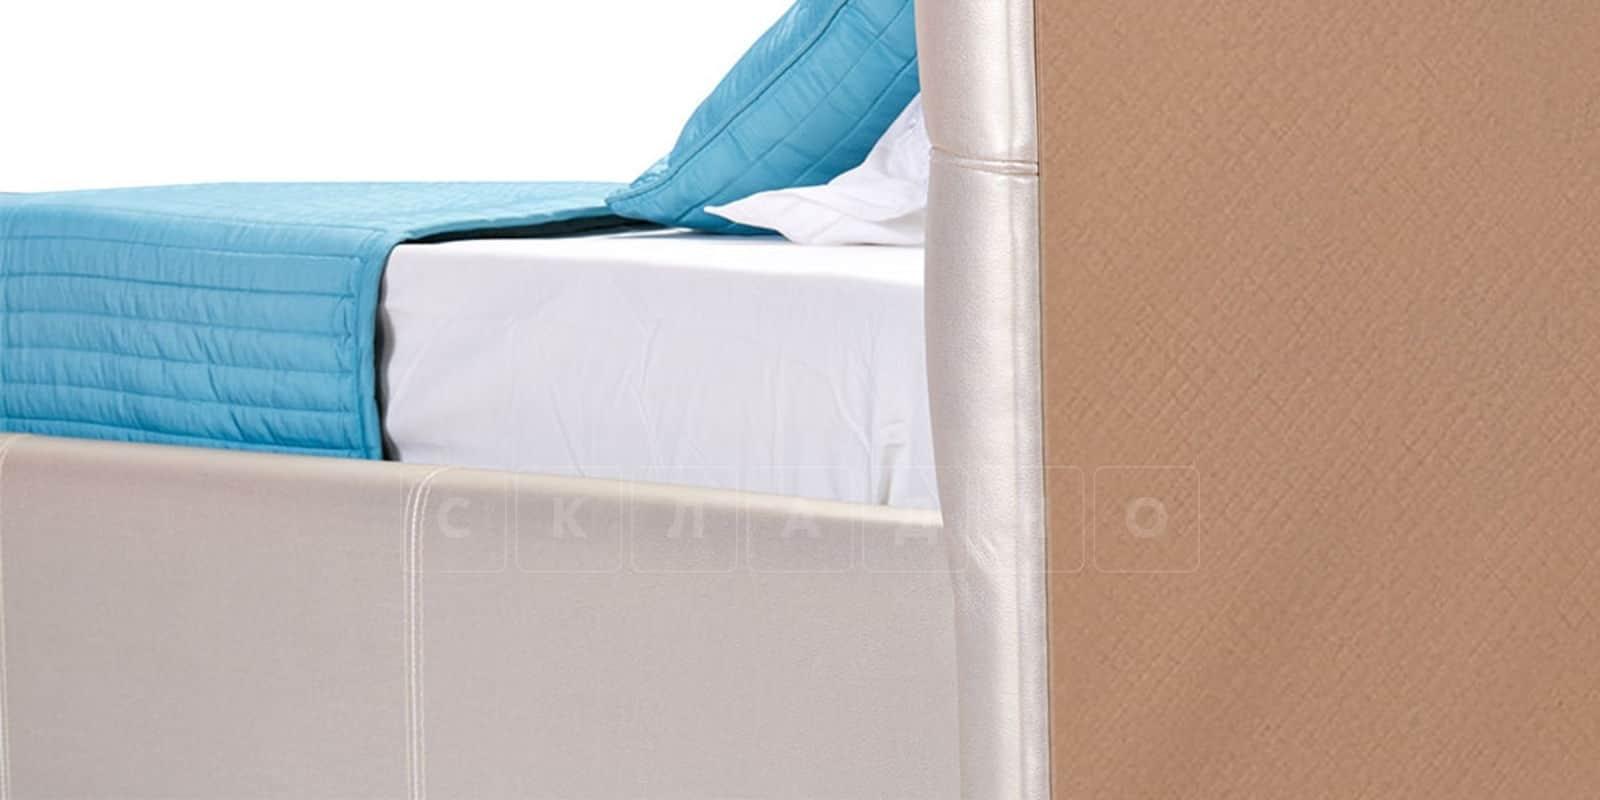 Мягкая кровать Лайф 160см перламутр с подъемным механизмом фото 5 | интернет-магазин Складно